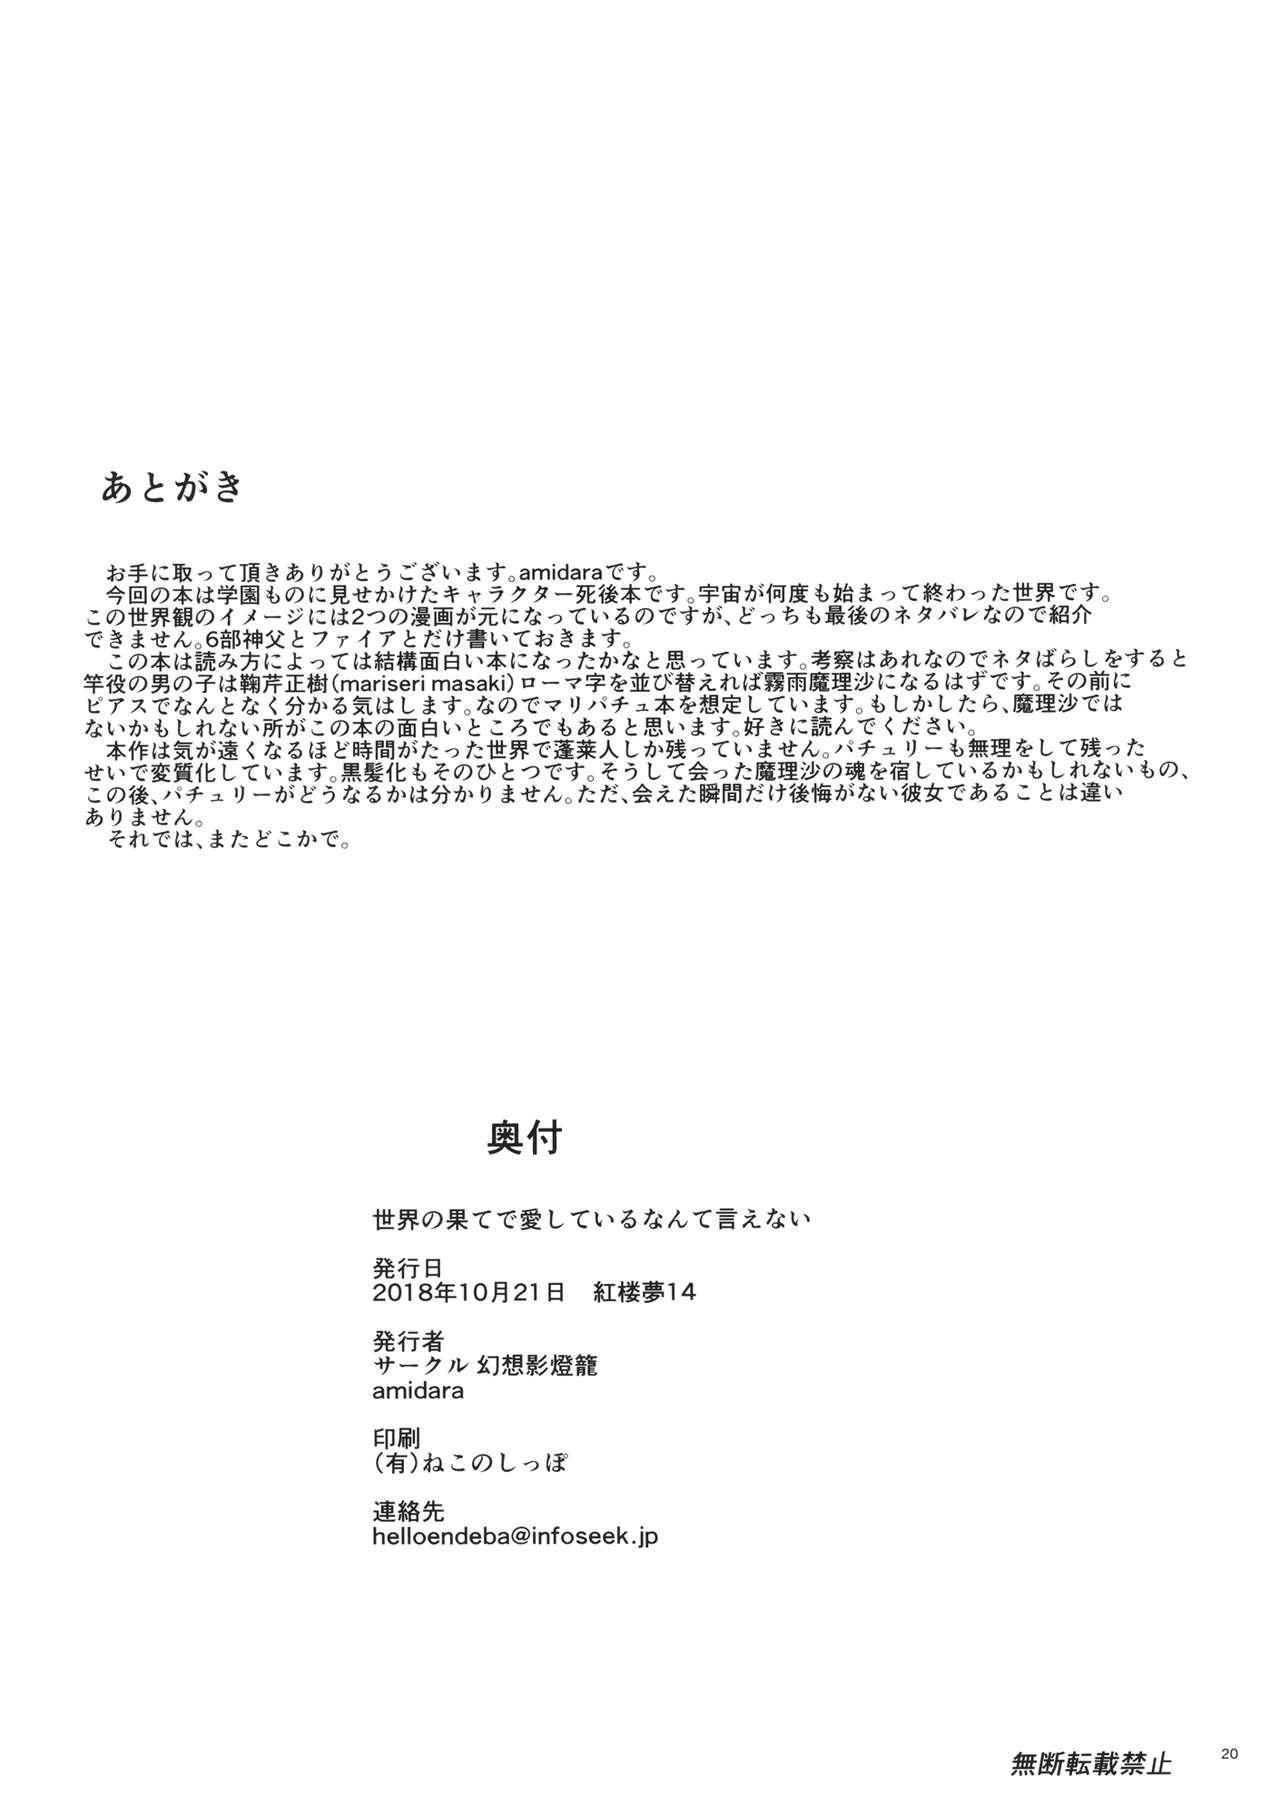 Sekai no Hate de Aishiteiru nante Ienai 20